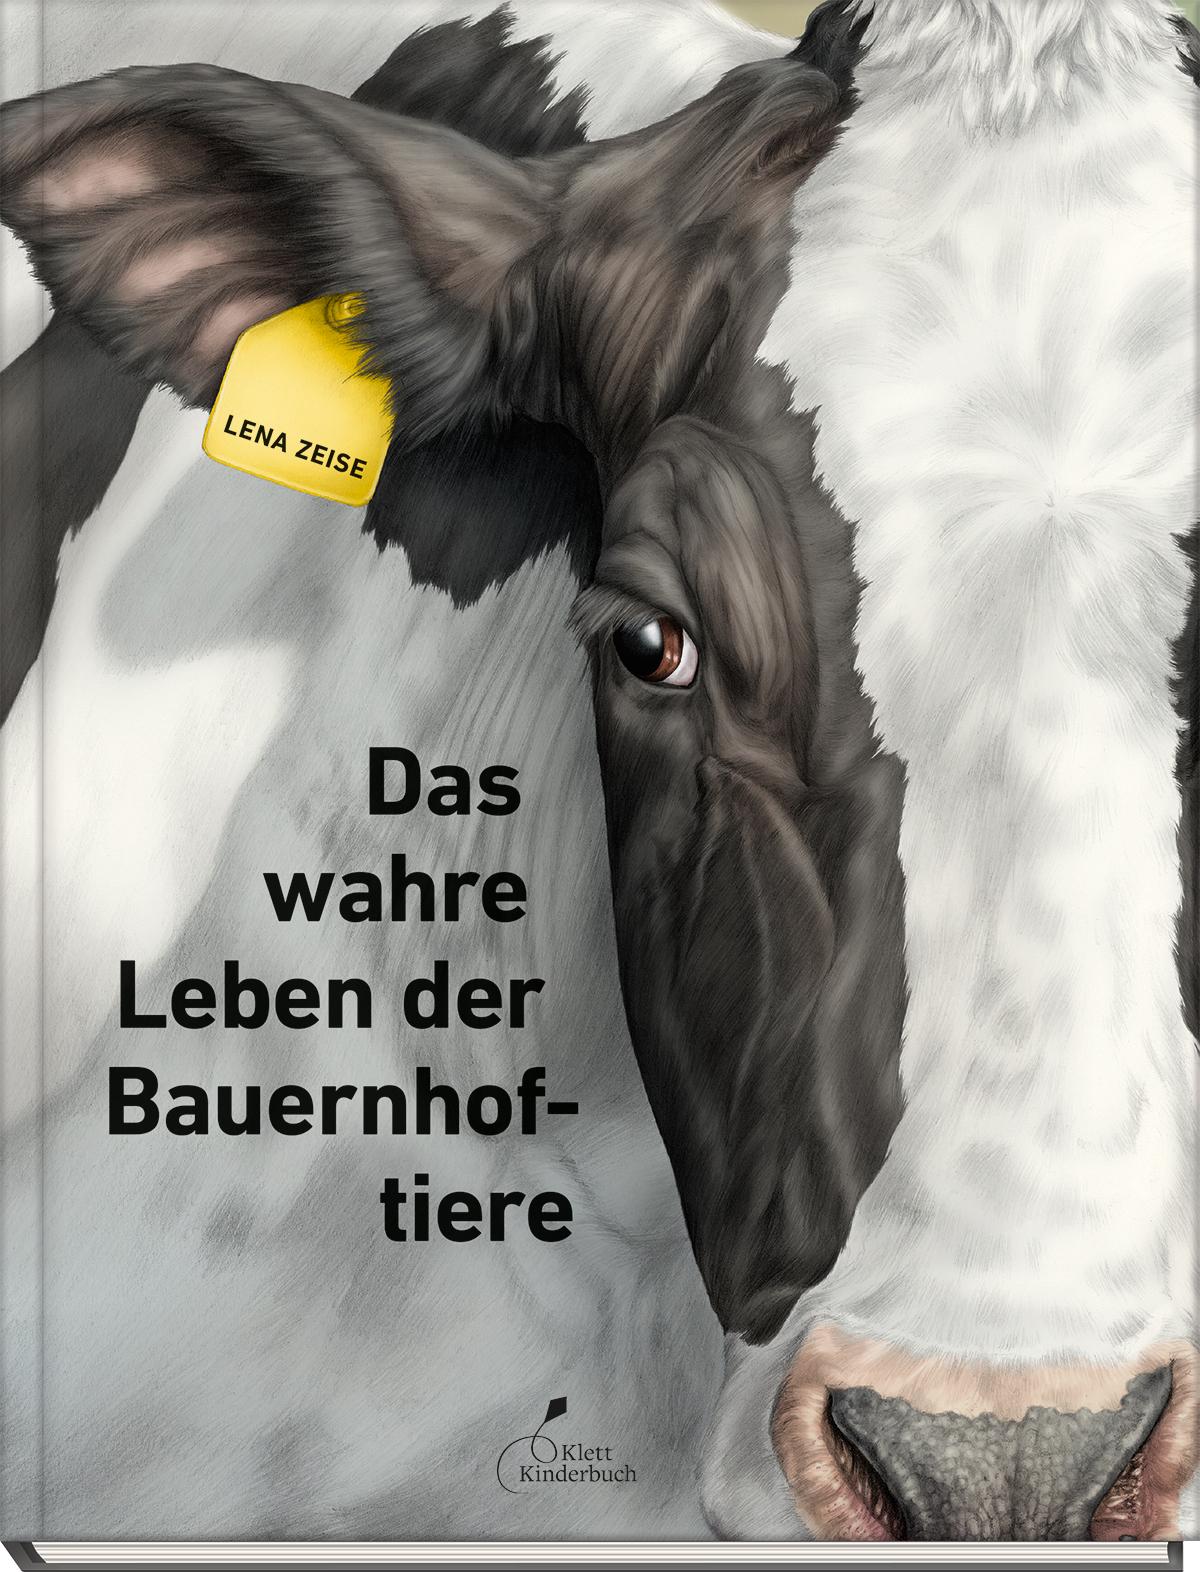 Lena Zeige, Klett Kinderbuch, Monika Osberghaus, Sachbuch, Bauernhof, Tiere, Wissen, Tierhaltung, Grundschule, Sachkunde, HWS